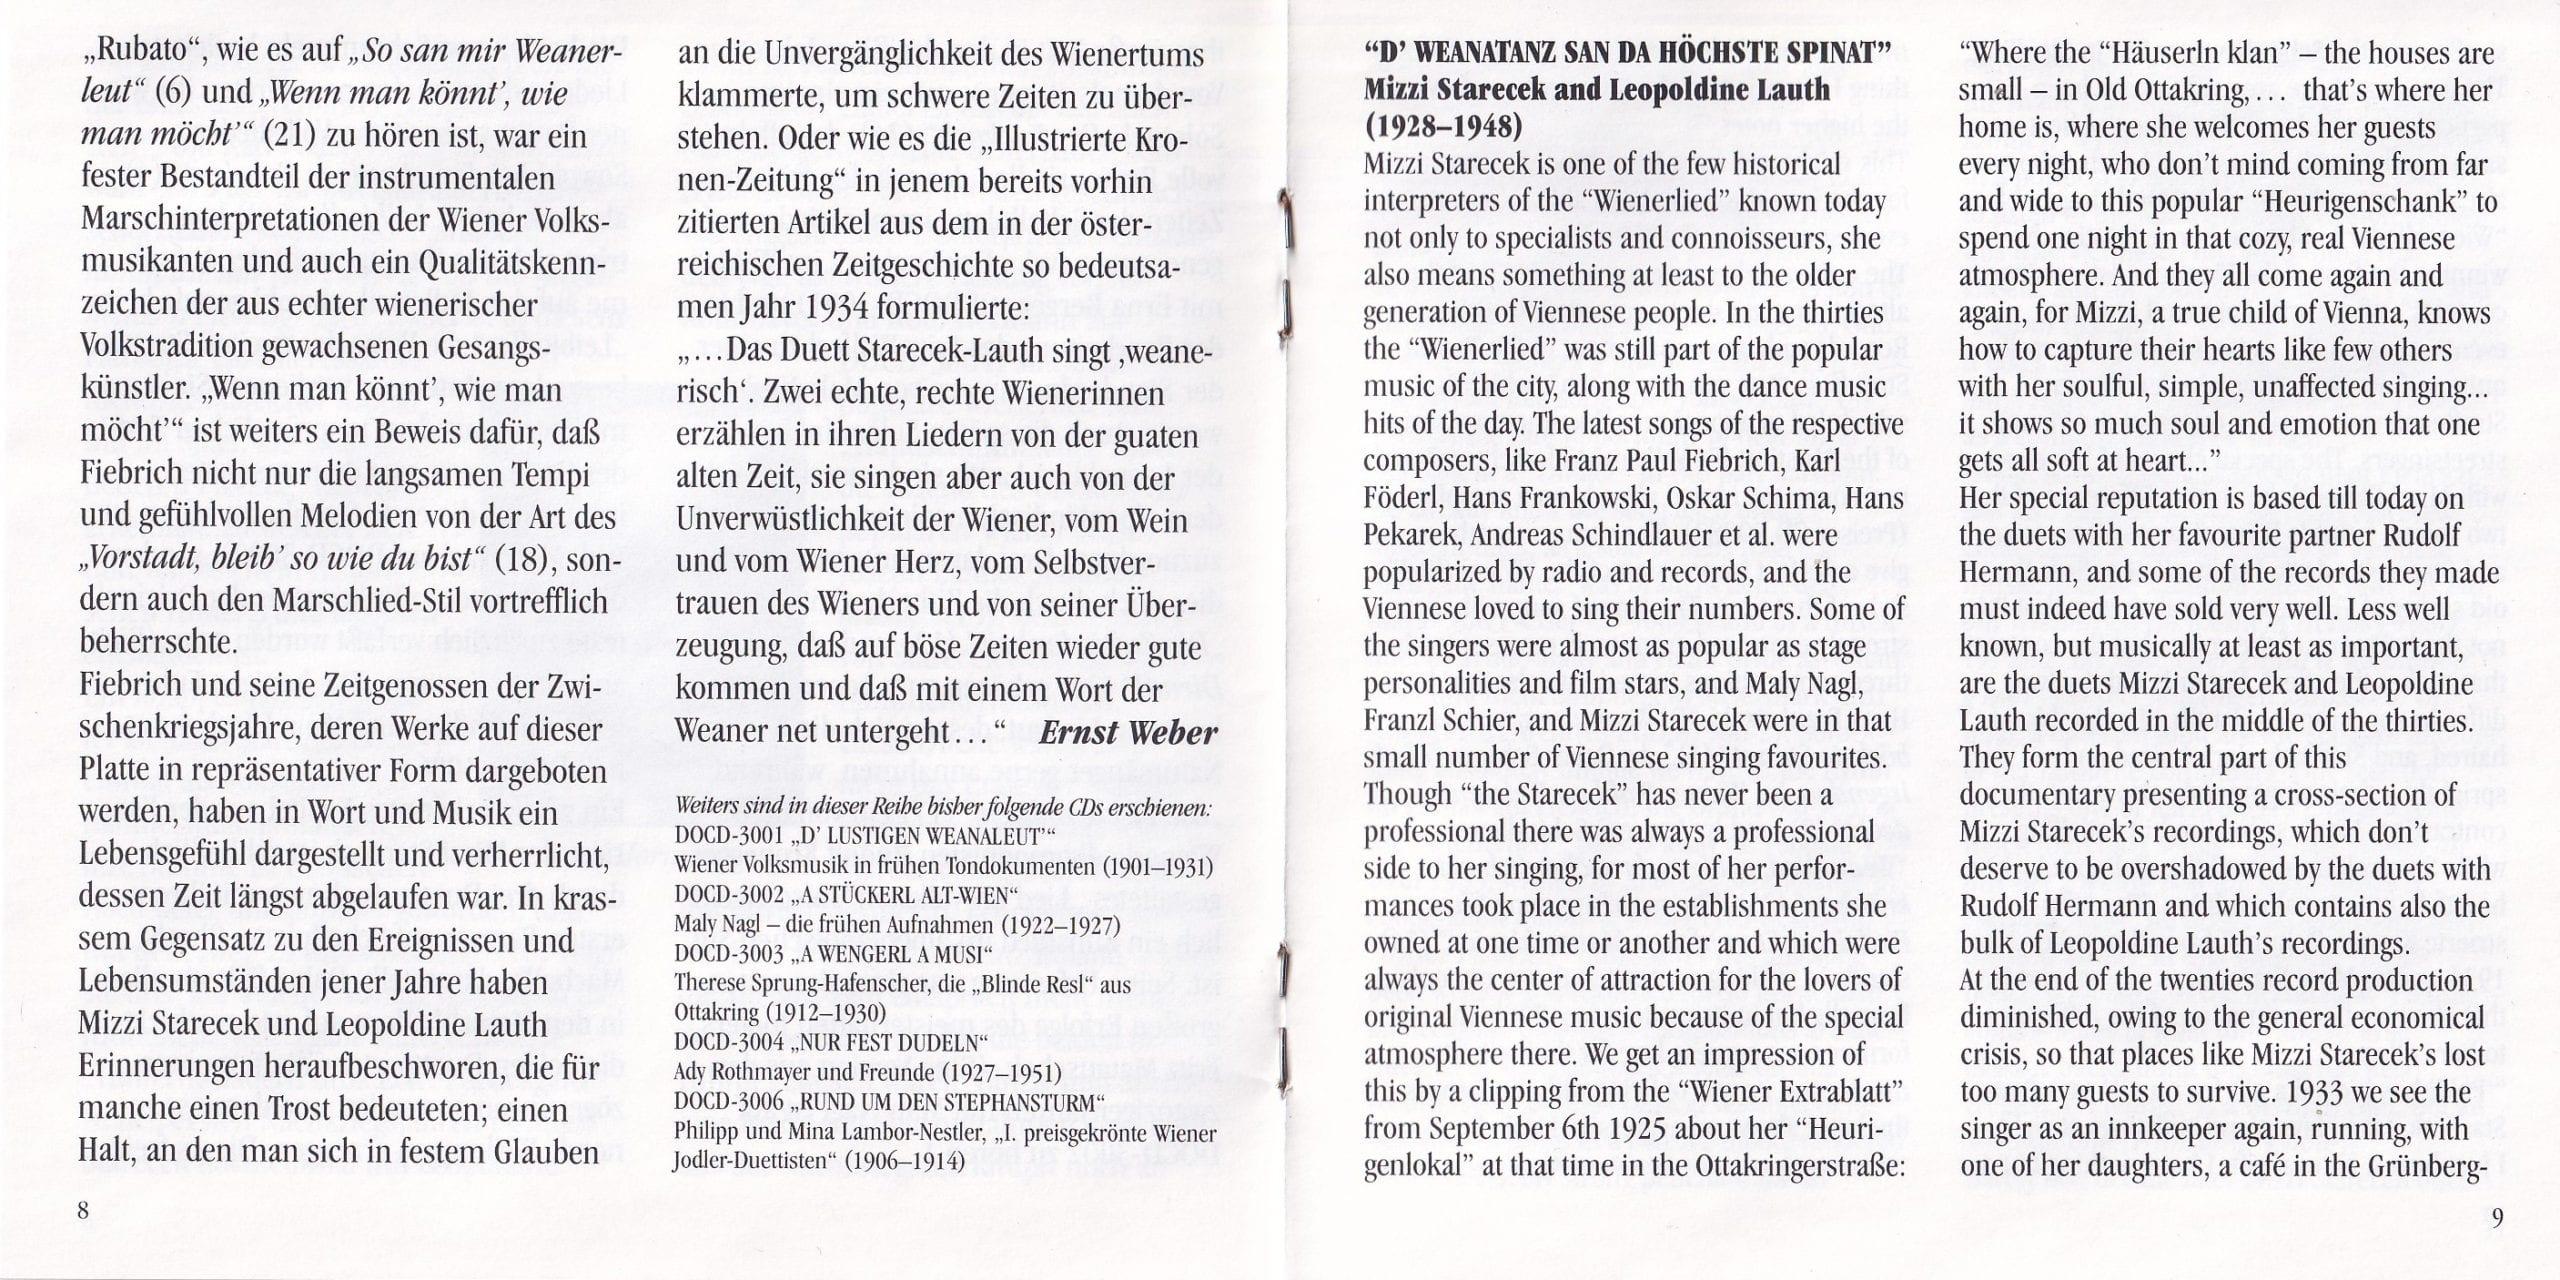 D Weanatanz san da höchste Spinat – Booklet – 8-9